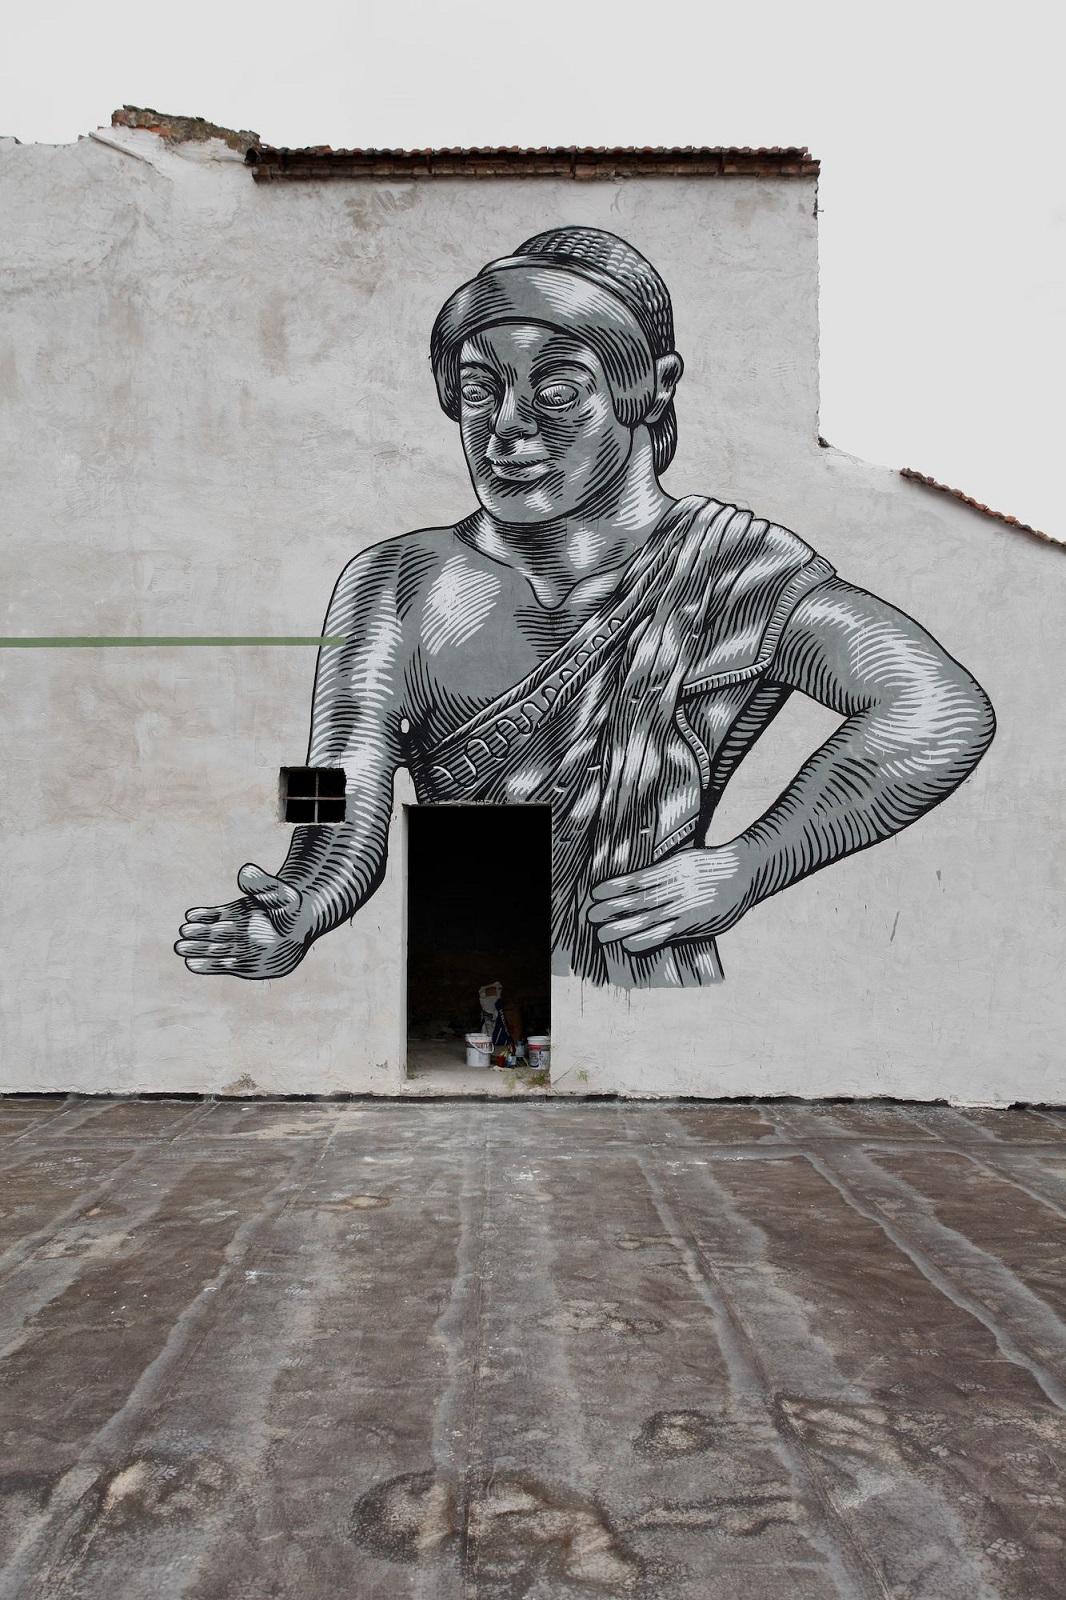 Die Mauer Street Art,  Prato, 2014. ©Carlo Chiavacci Fotografo